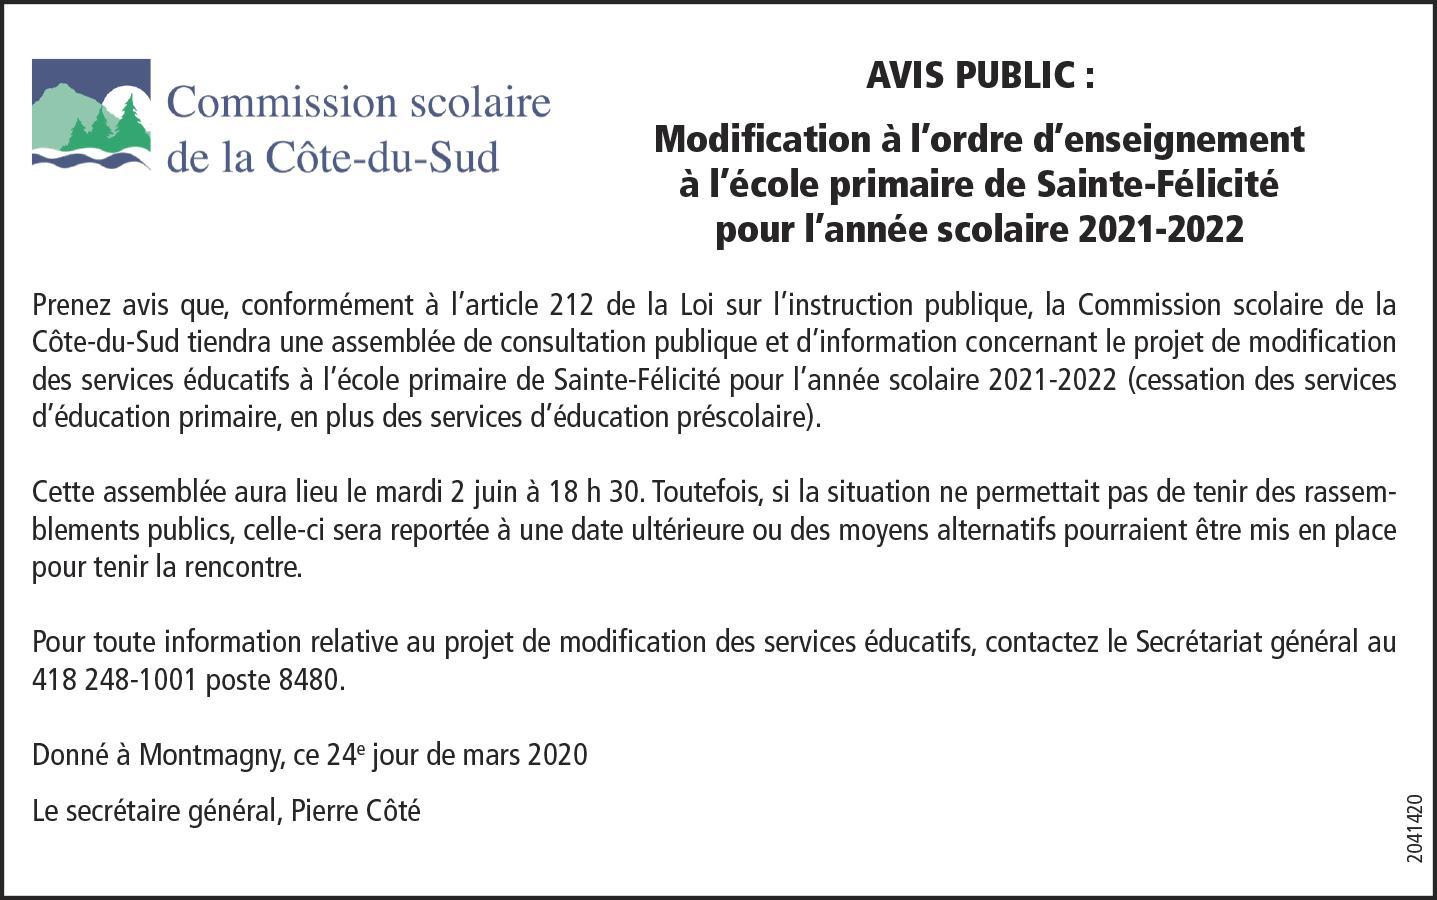 Modification à l'ordre d'enseignement à l'école primaire de Sainte-Félicité pour l'année scolaire 2021-2022